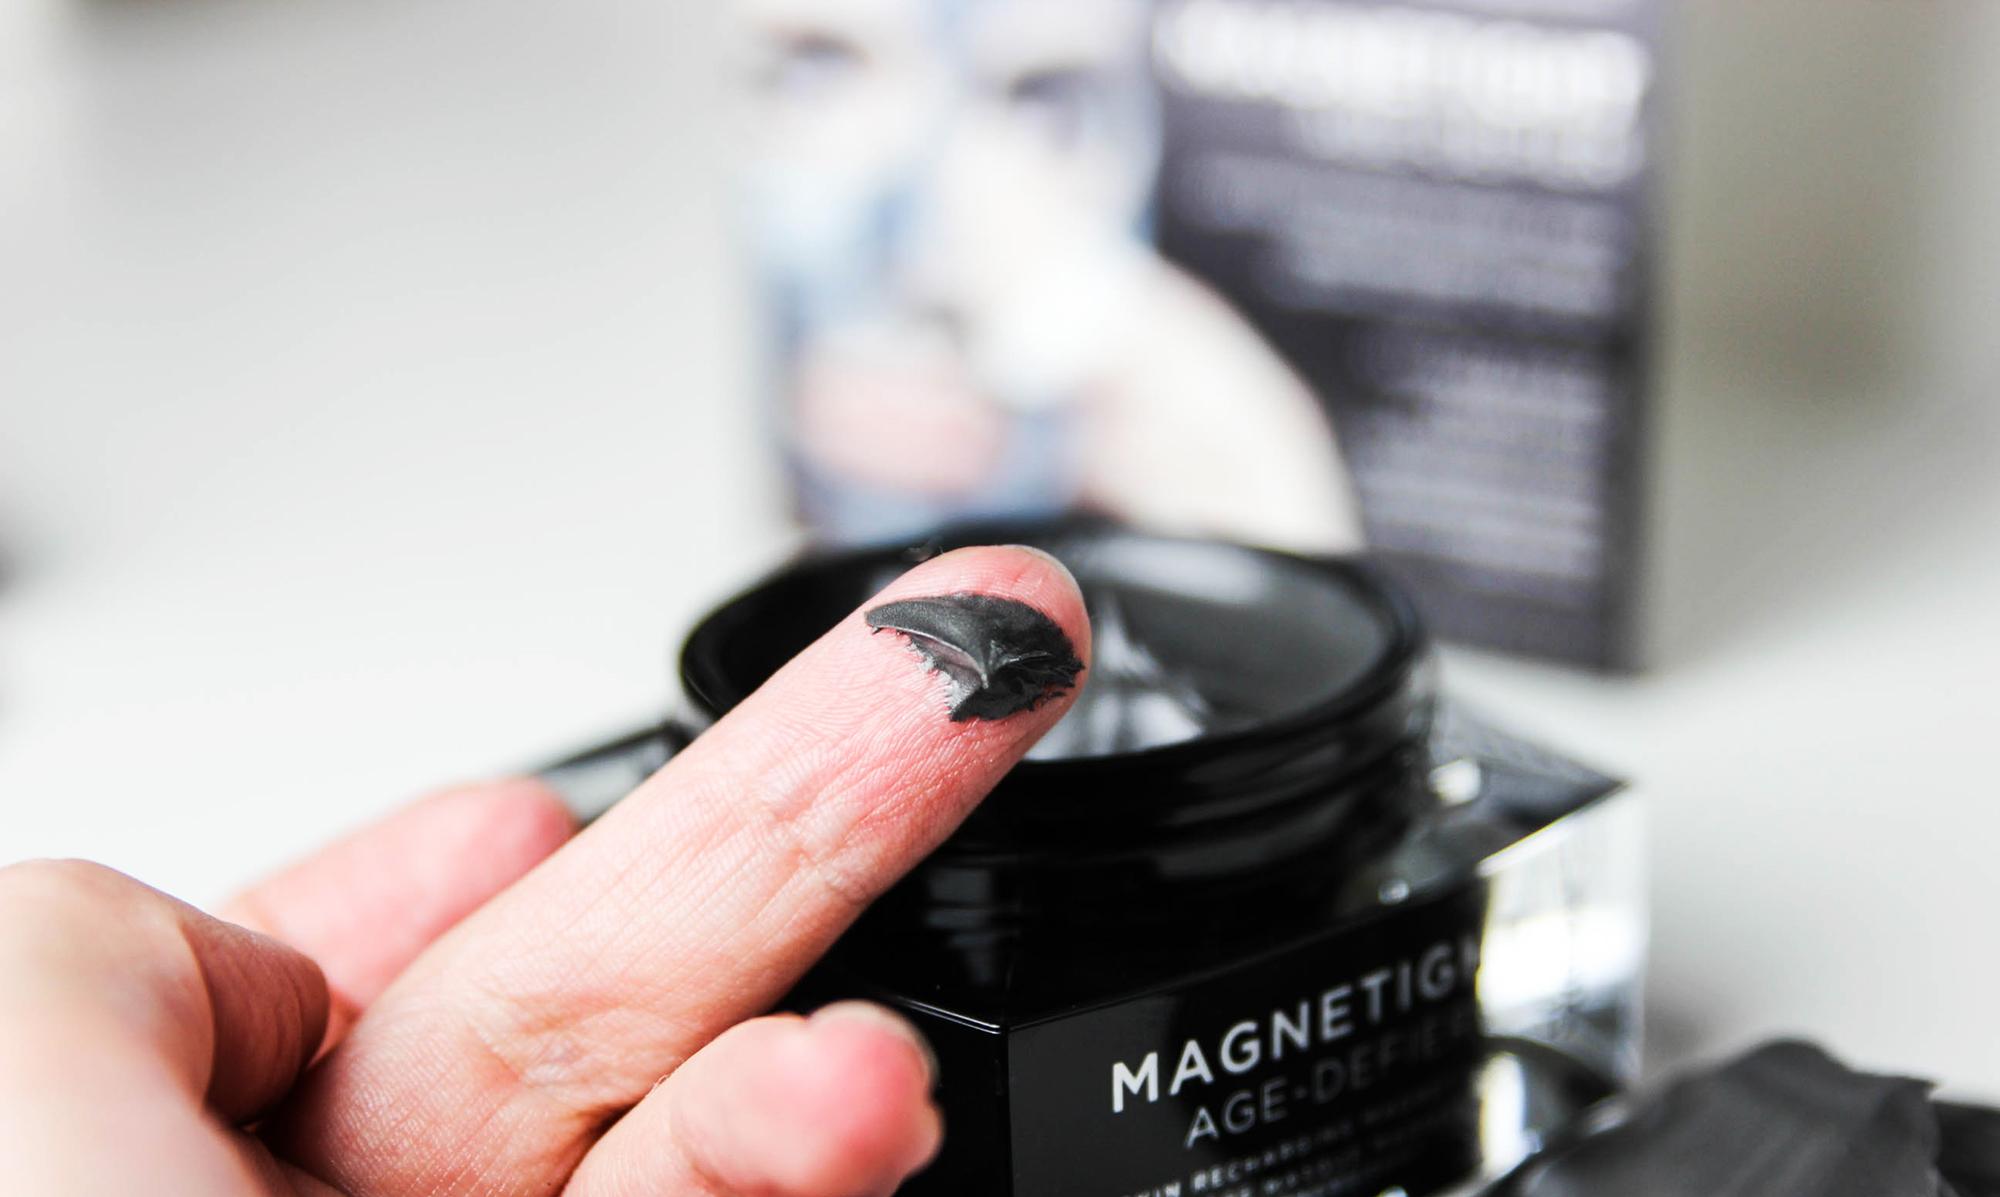 Magnetight_masque-Dr Brandt-14